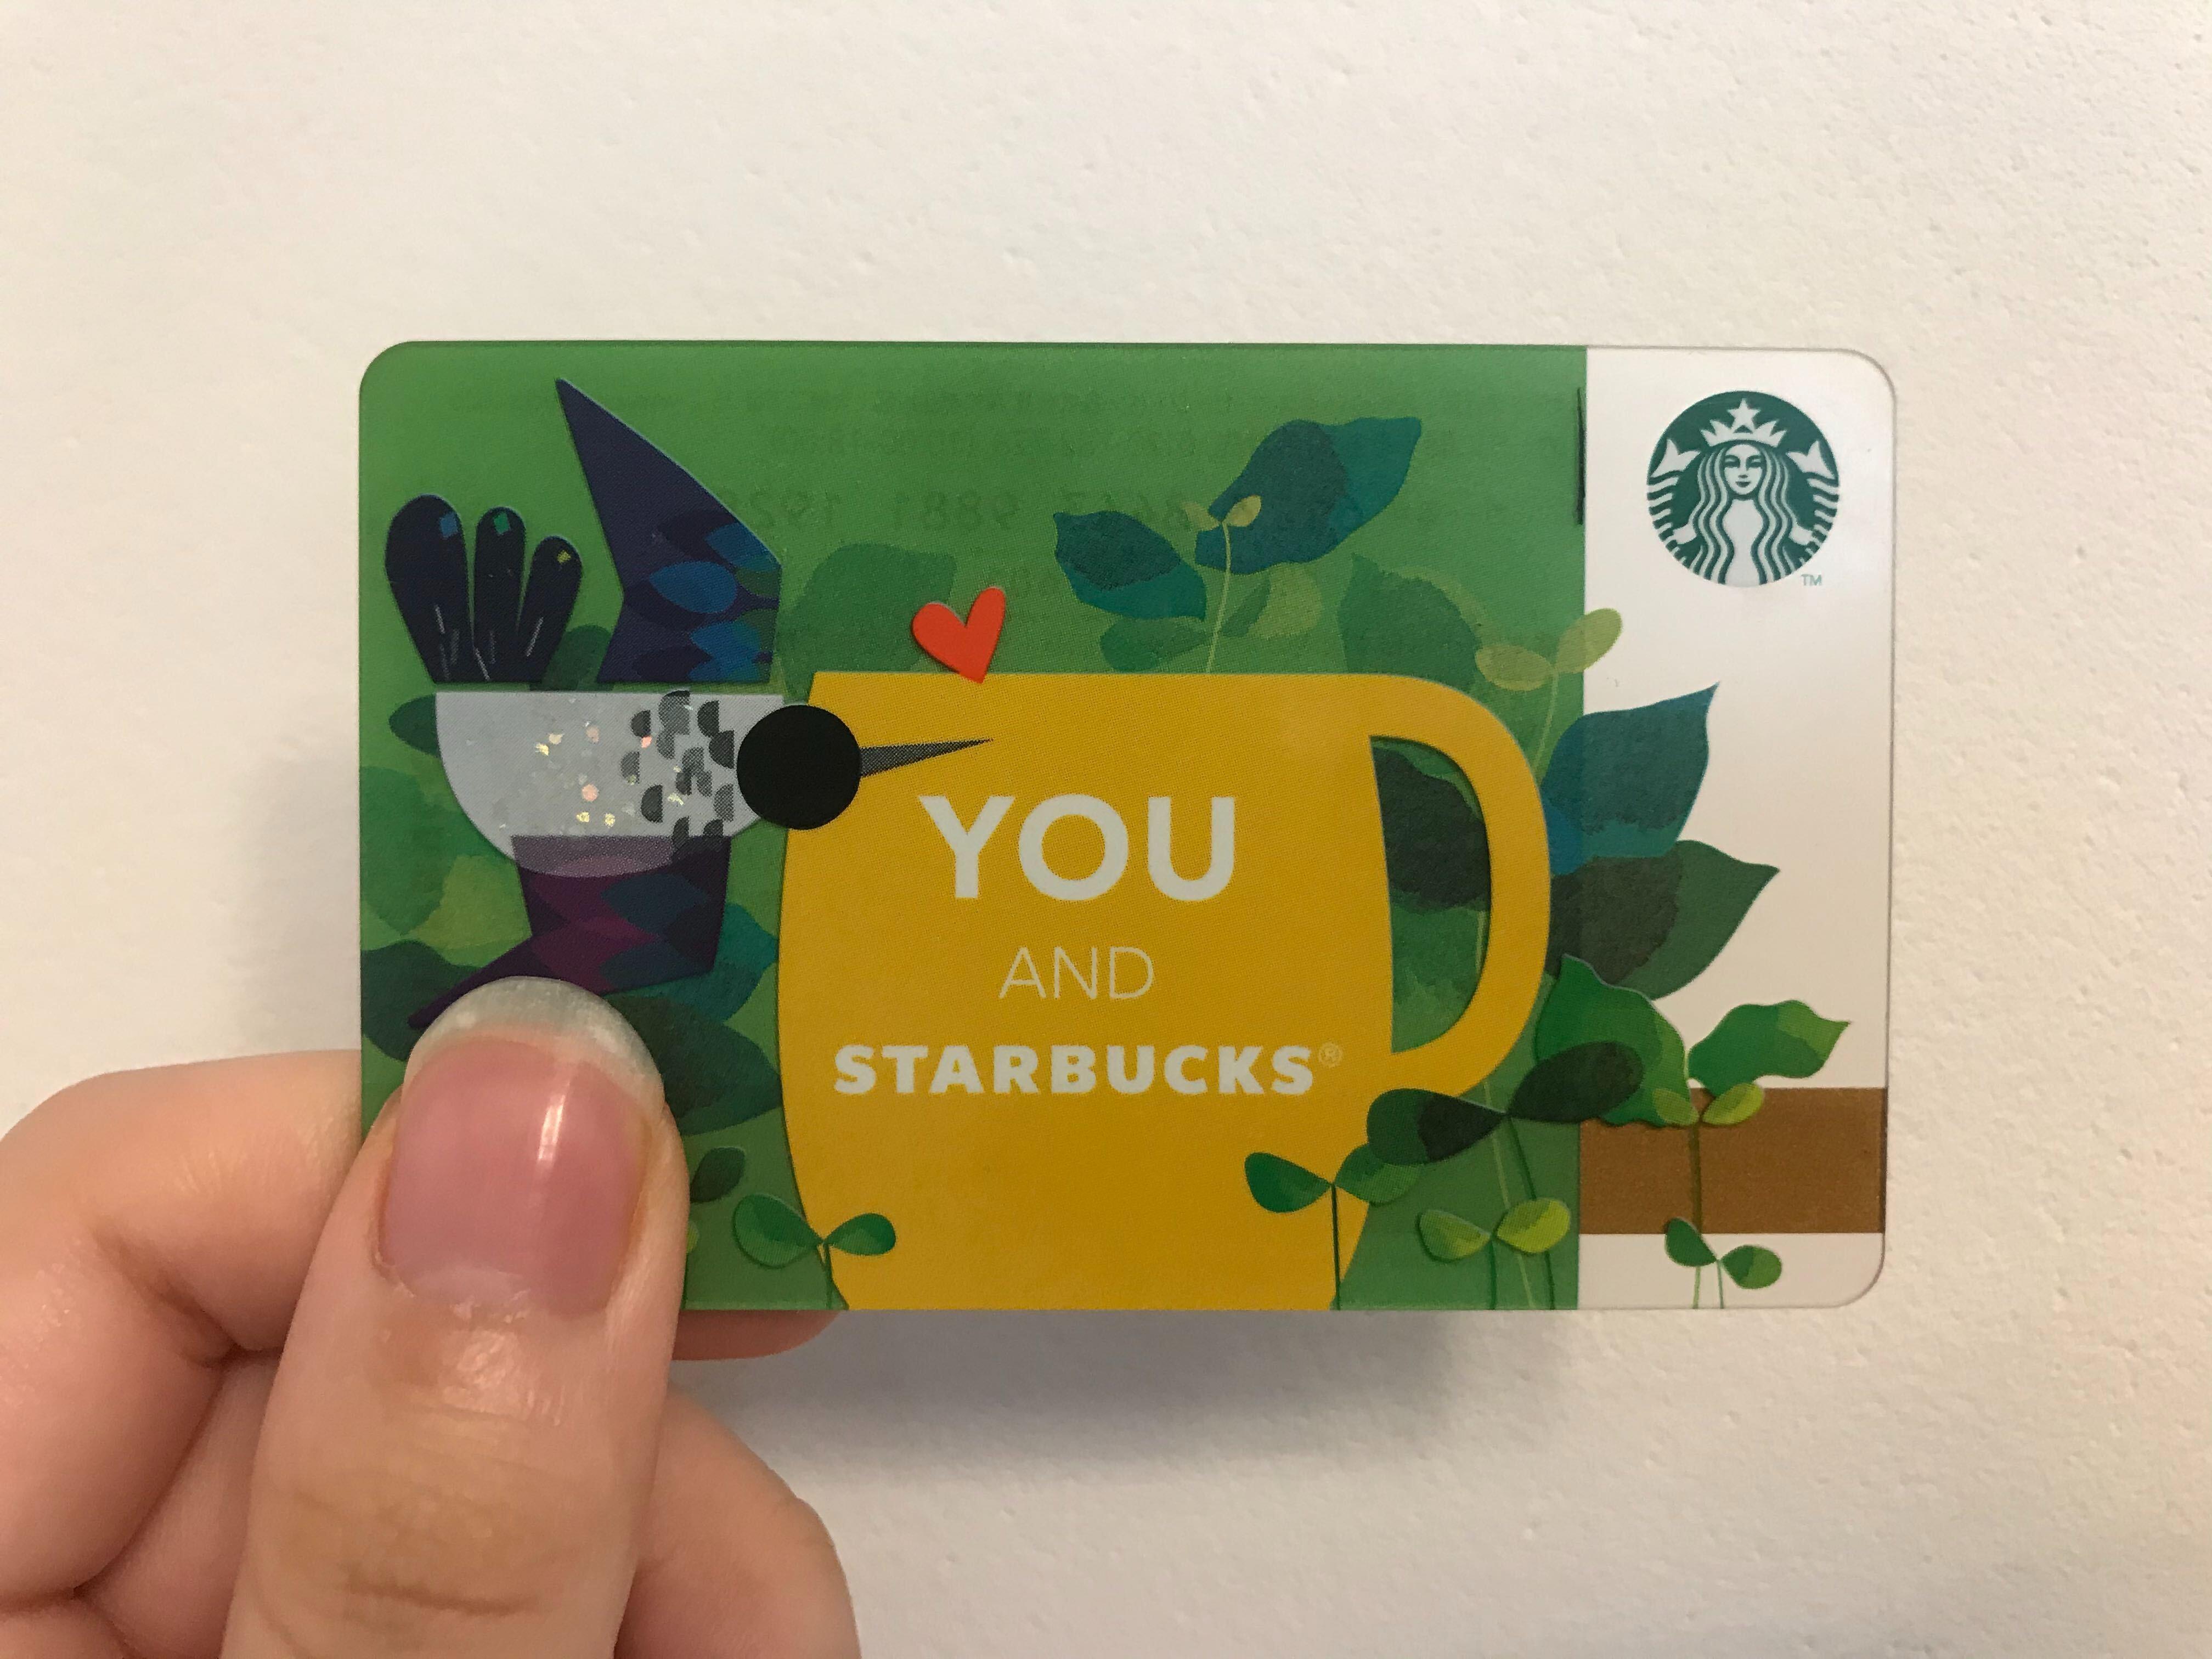 カード スターバックス スターバックスでクレジットカード決済はできる?お得なおすすめカードも紹介!Credictionary